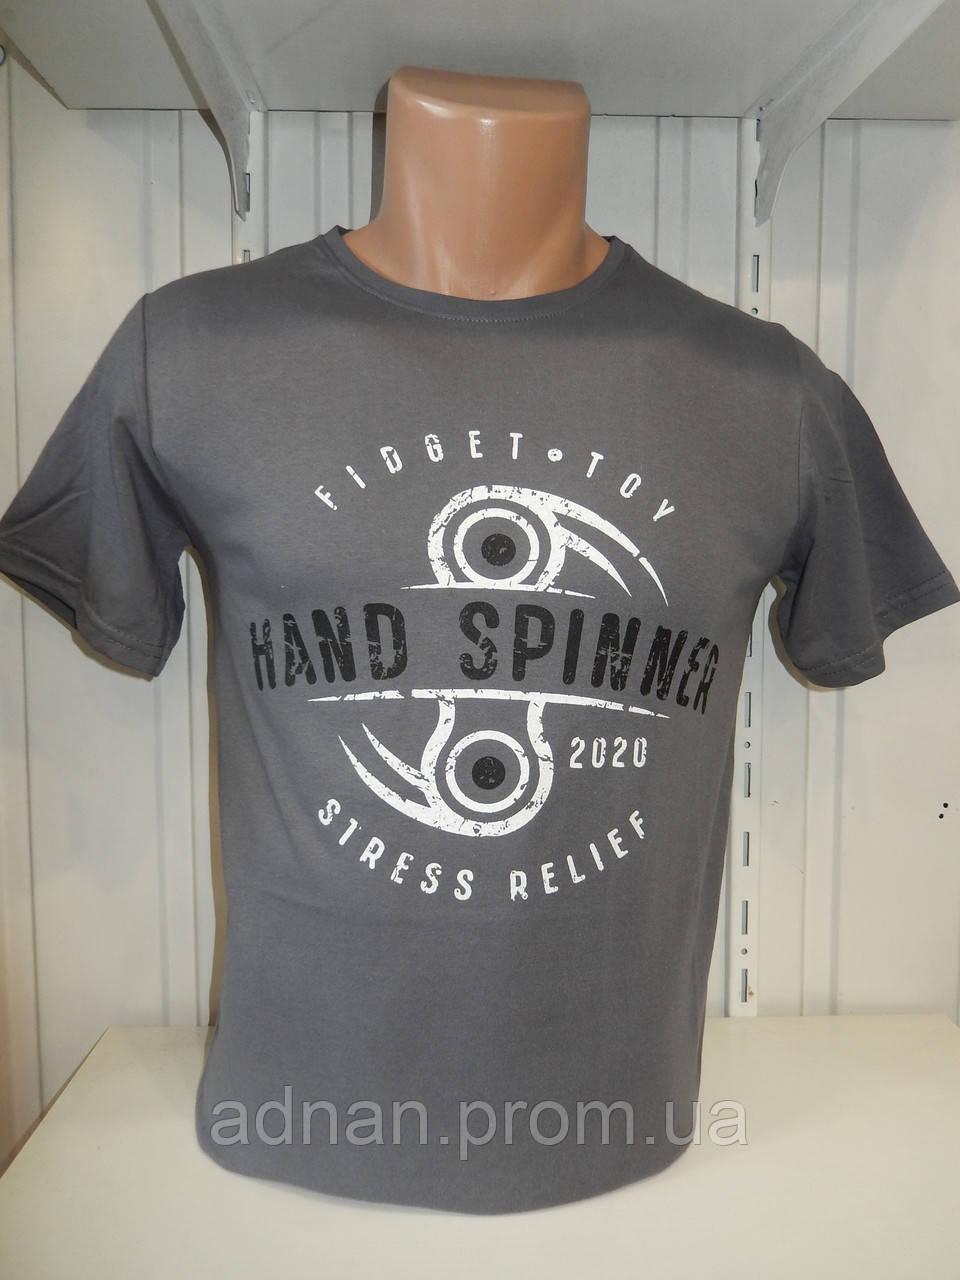 Футболка мужская ENISTE Hand Spiner, стрейч 010 \ купить футболку мужскую оптом